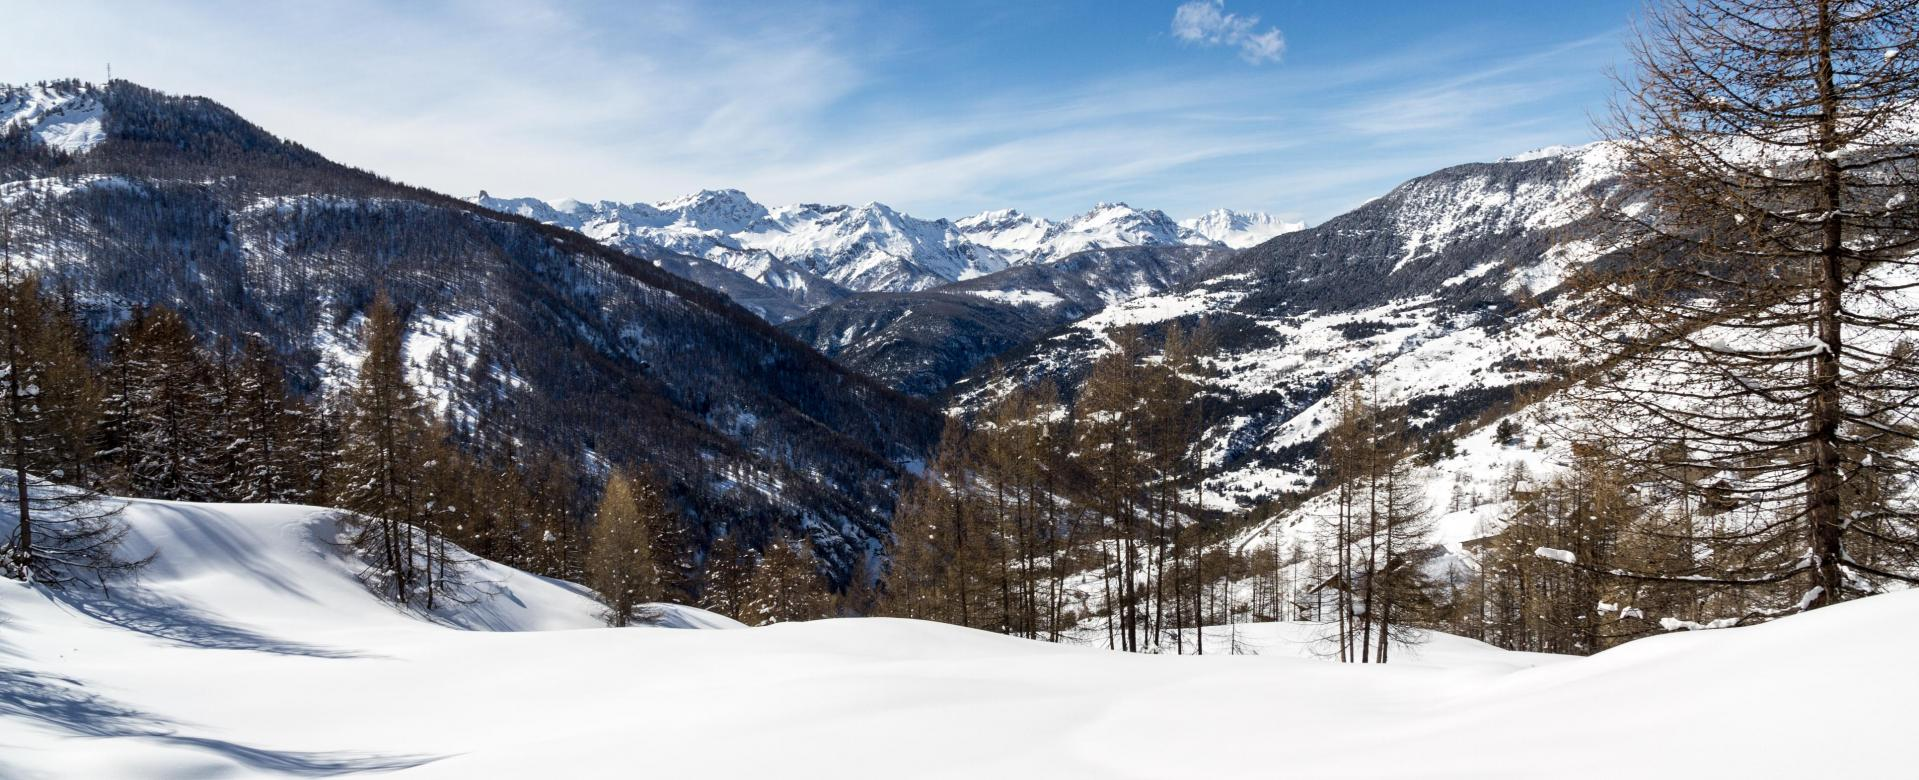 Voyage à la neige : Découverte du queyras depuis saint-véran